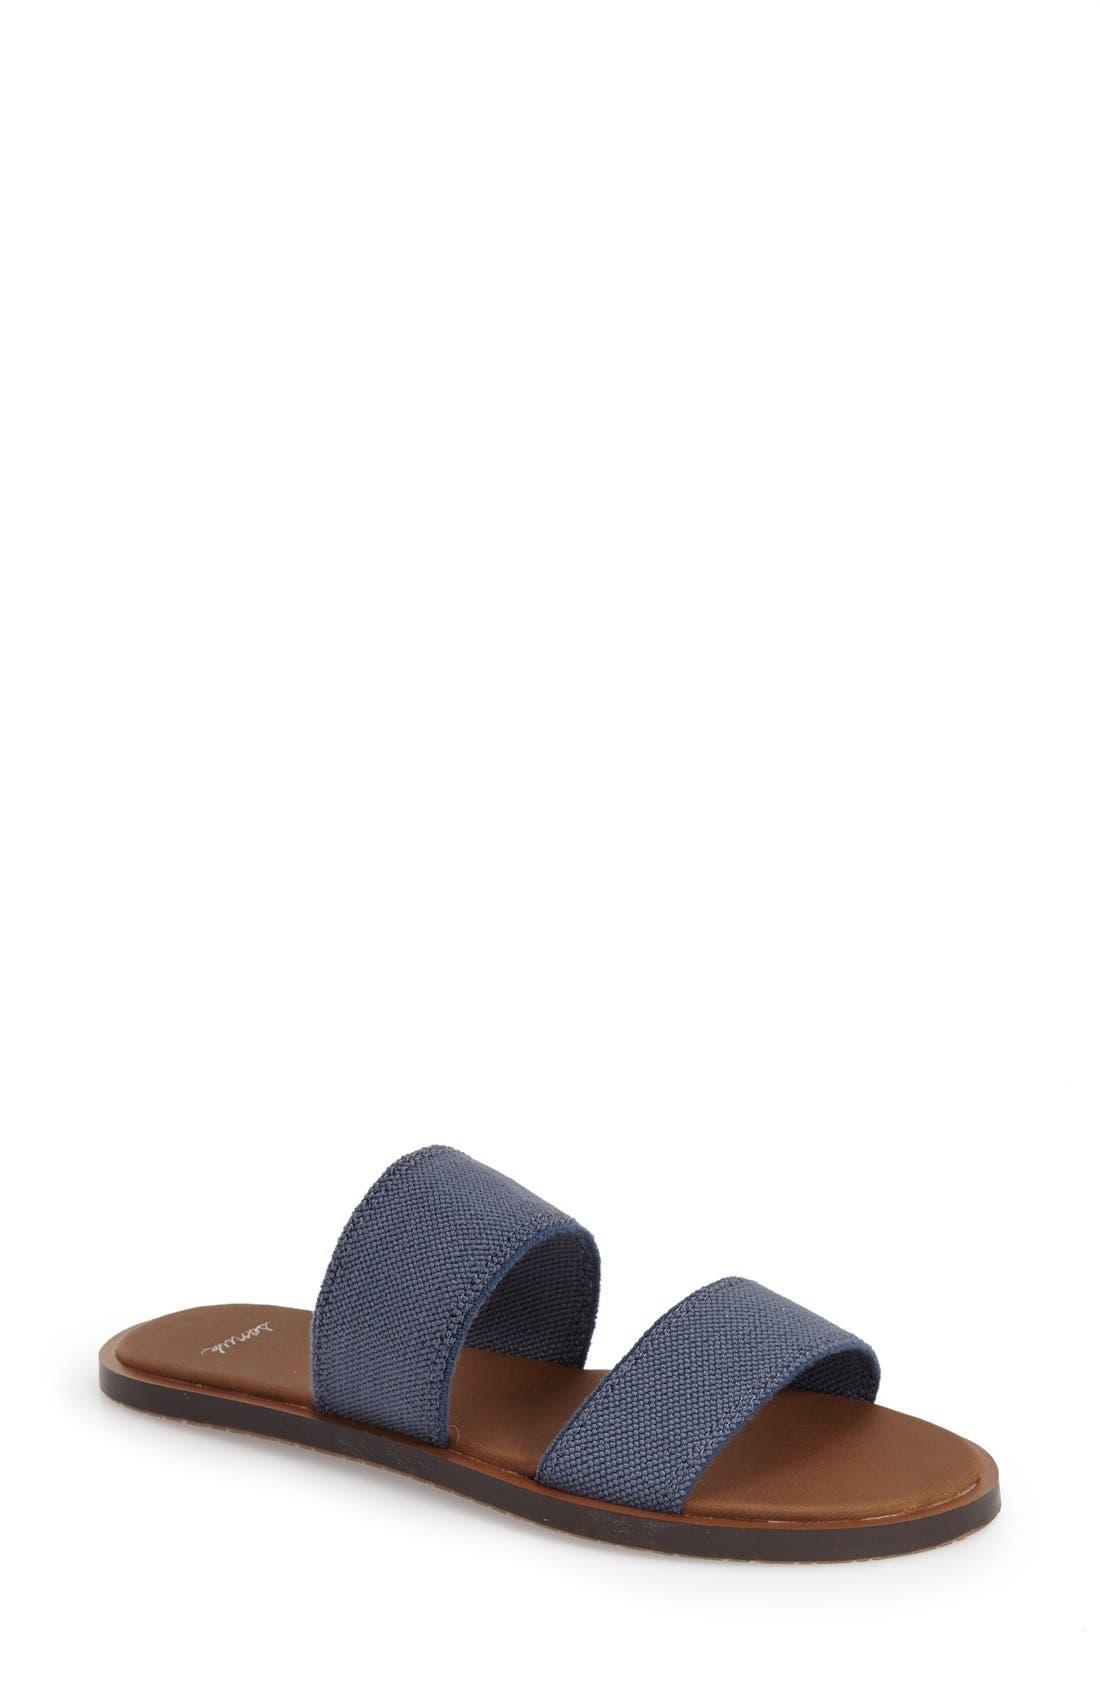 Alternate Image 1 Selected - Sanuk 'Yoga Gora Gora' Slide Sandal (Women)